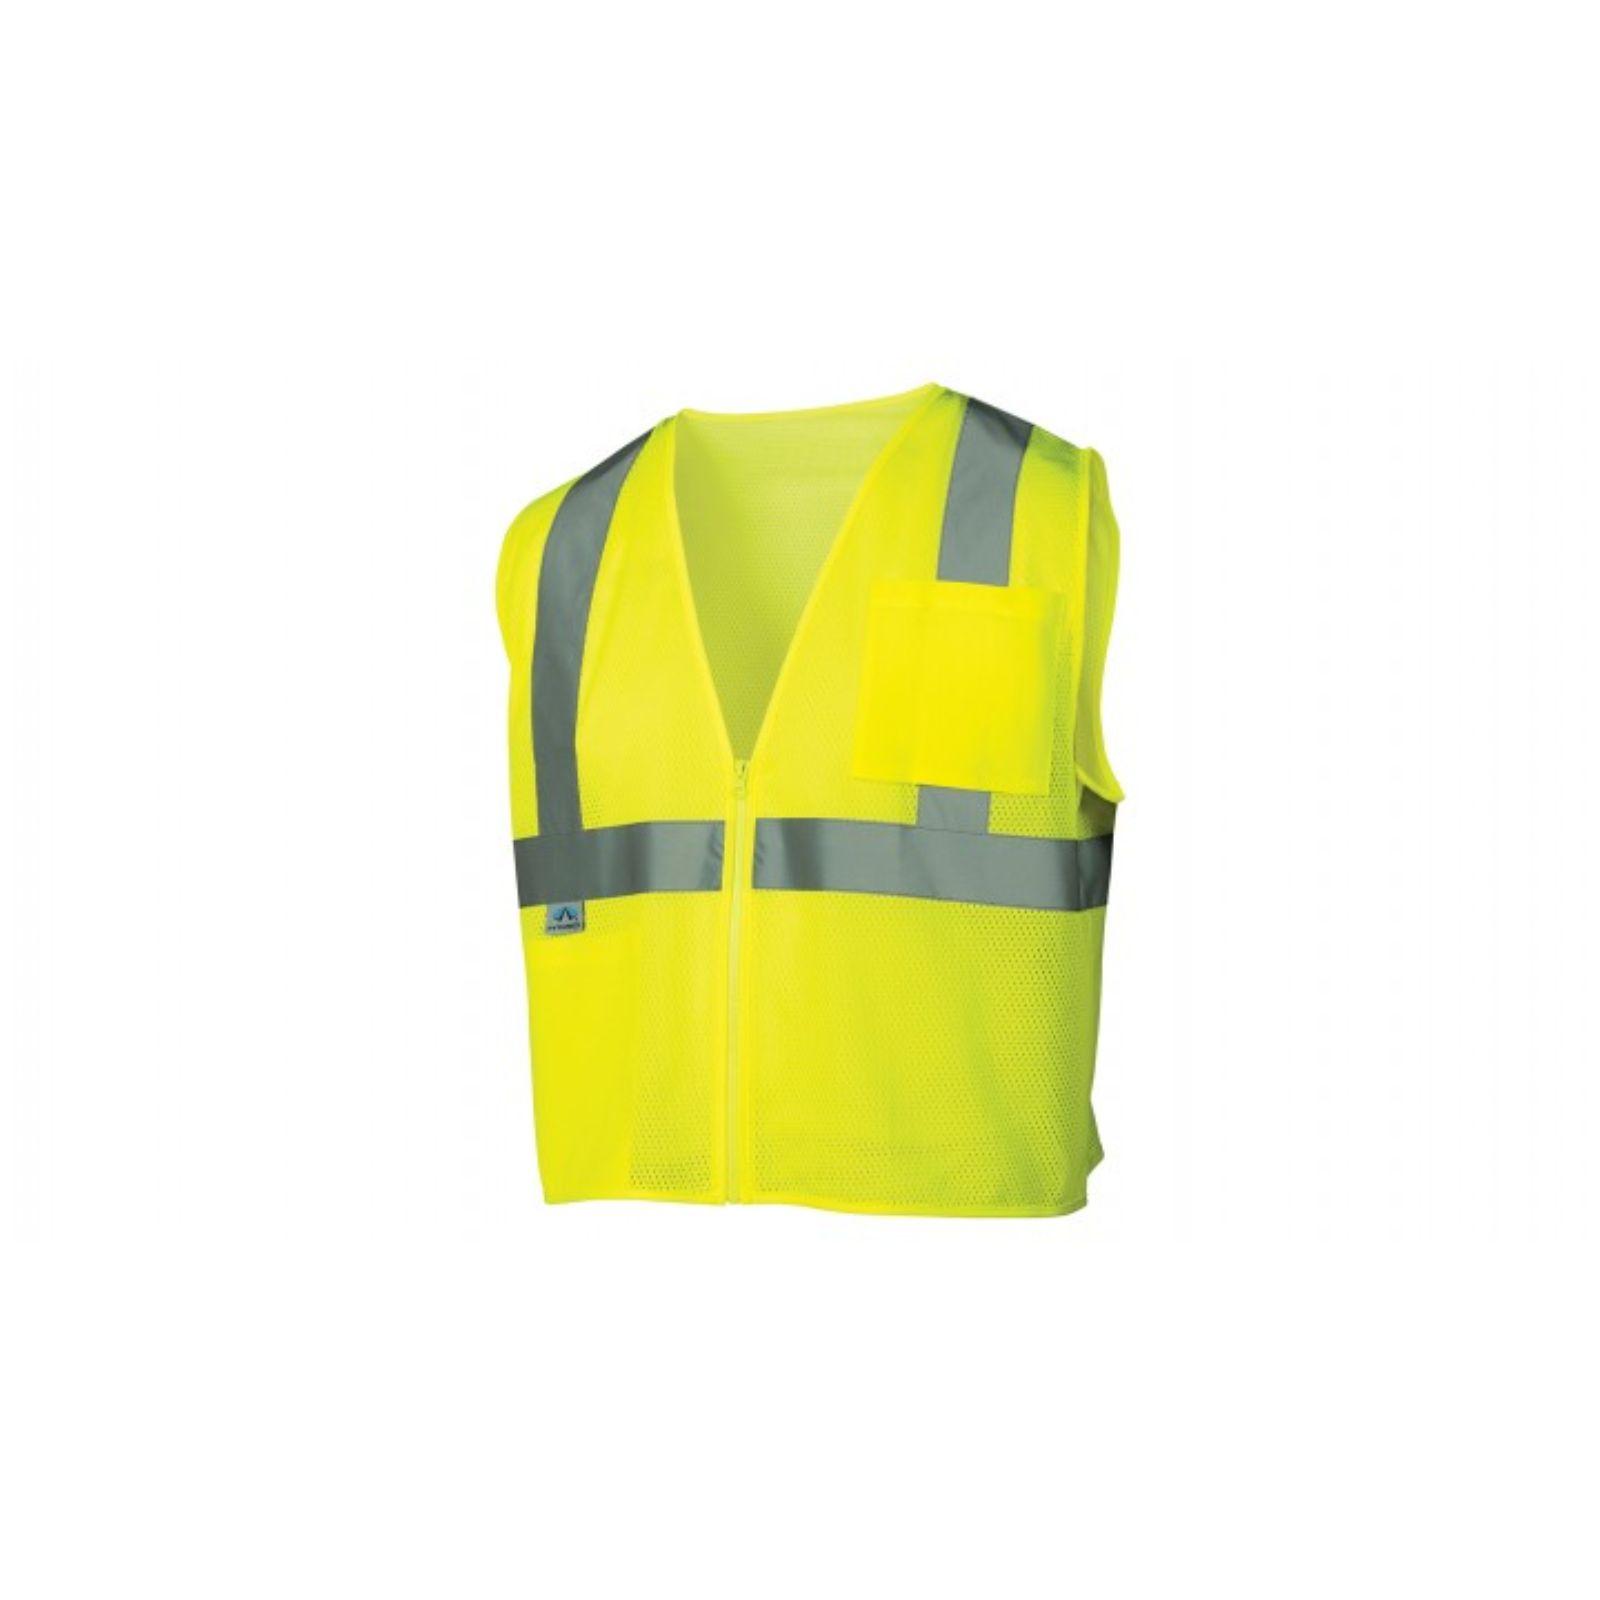 Pyramex Safety Vest Hi-Vis Lime S